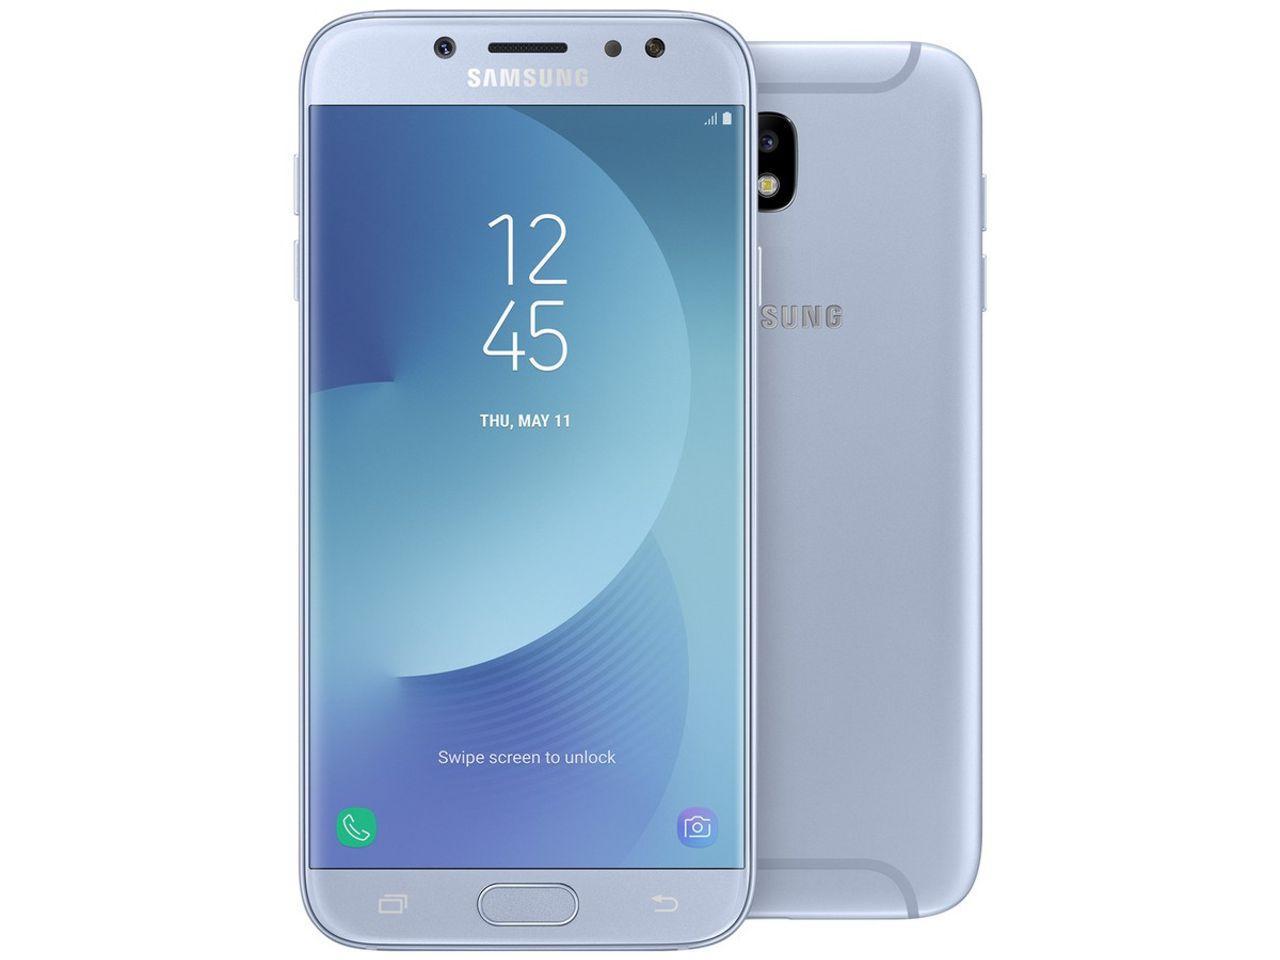 SAMSUNG Galaxy J7 2017 (SM-J730F), 16GB, Dual SIM, modrý, CZ distribuce + 200 Kč na dárky nebo další nákup | CHAT on-line podpora PO-PÁ 8-22.00!!